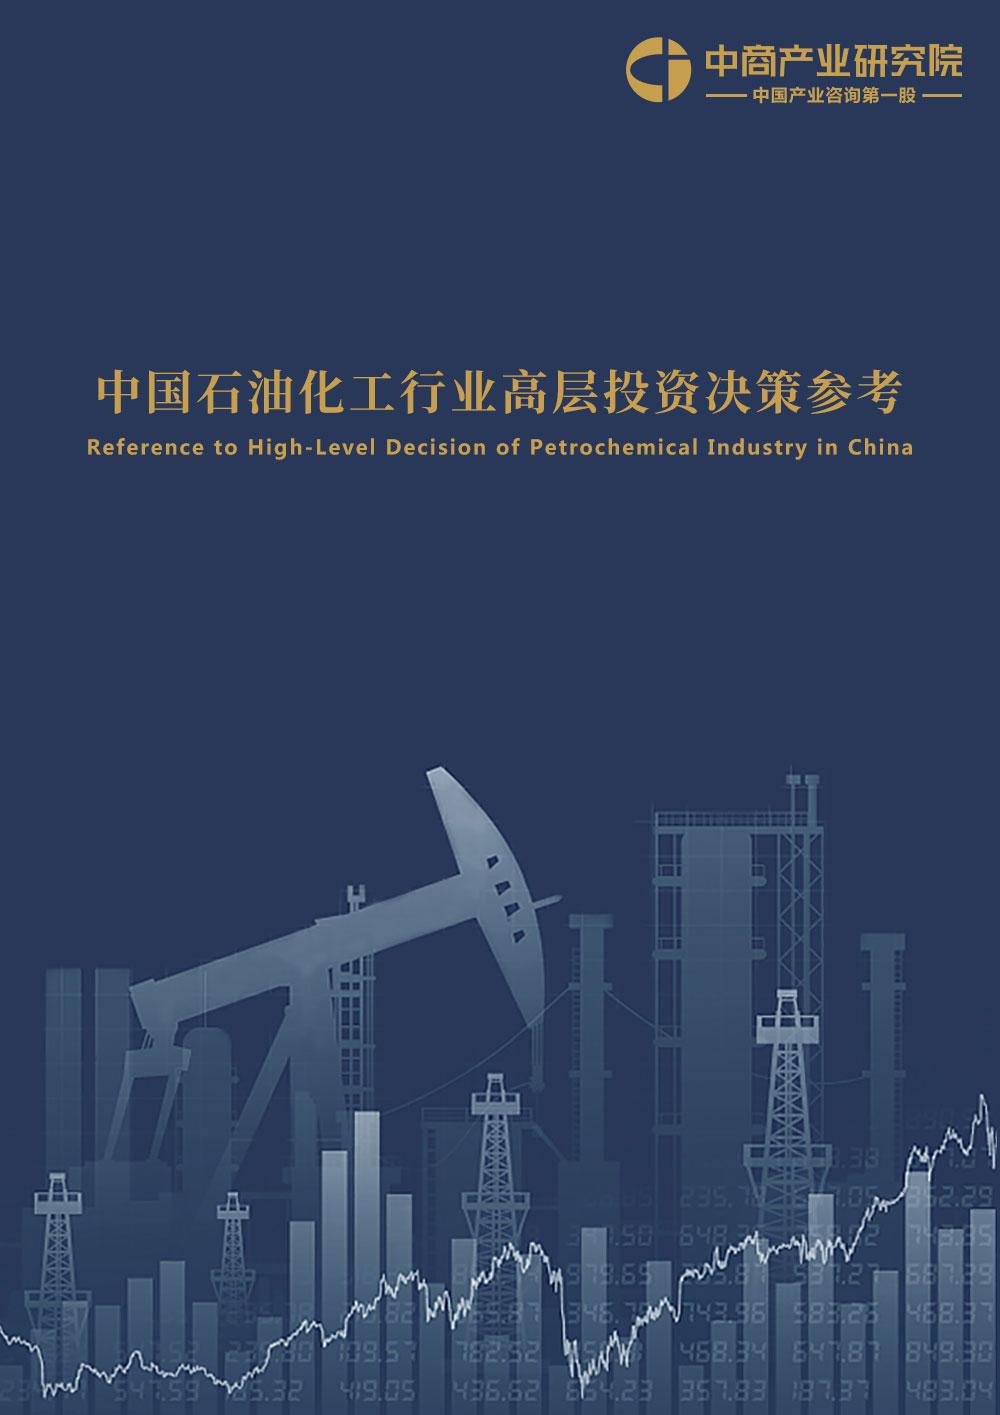 中国石油化工行业投资决策参考(2019年6月)